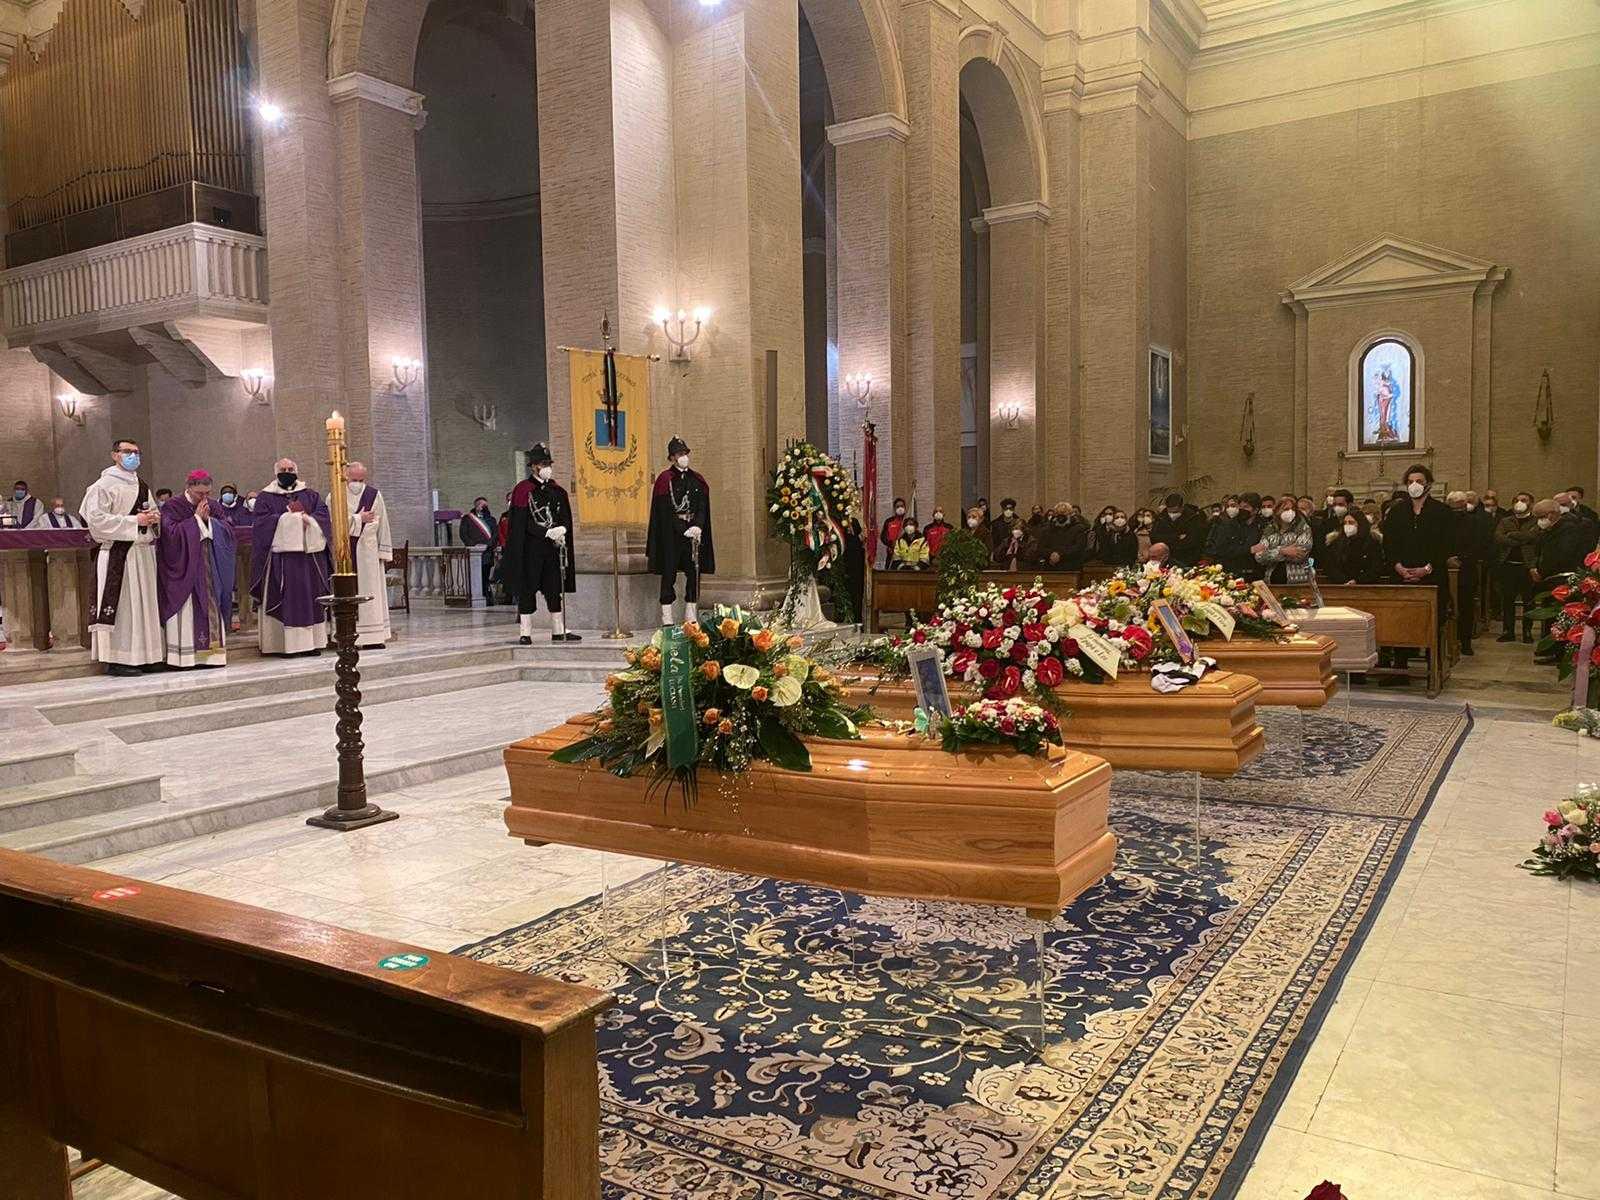 foto- -officiati-i-funerali-dei-4-dispersi-sul-monte-velino:-presente-anche-la-squadra-di-avezzano-del-soccorso-alpino